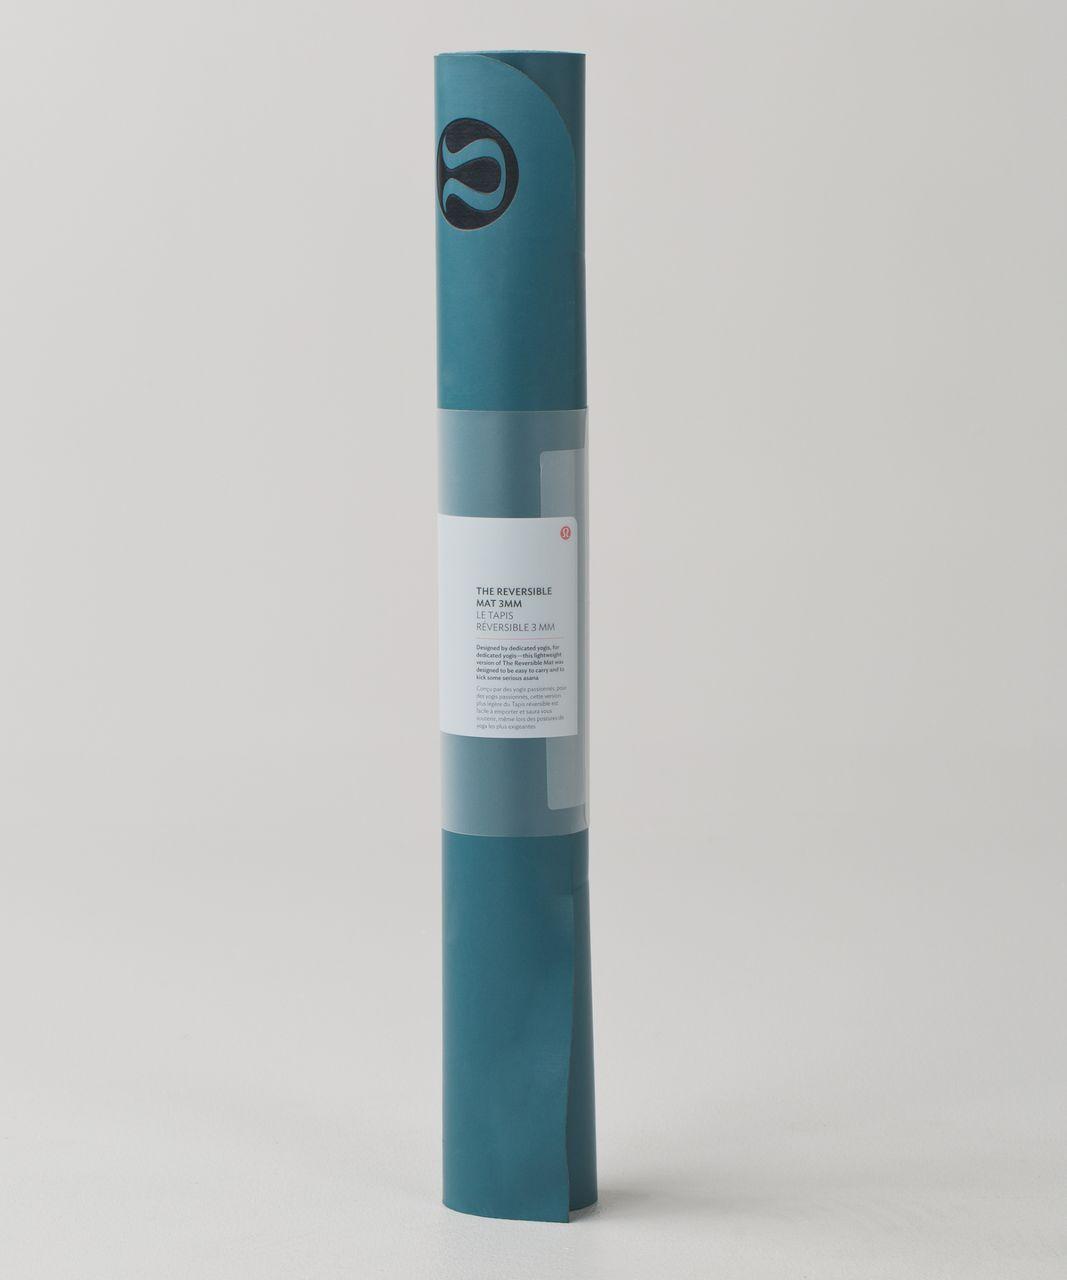 Lululemon The Reversible Mat 3mm - Desert Teal / Alberta Lake